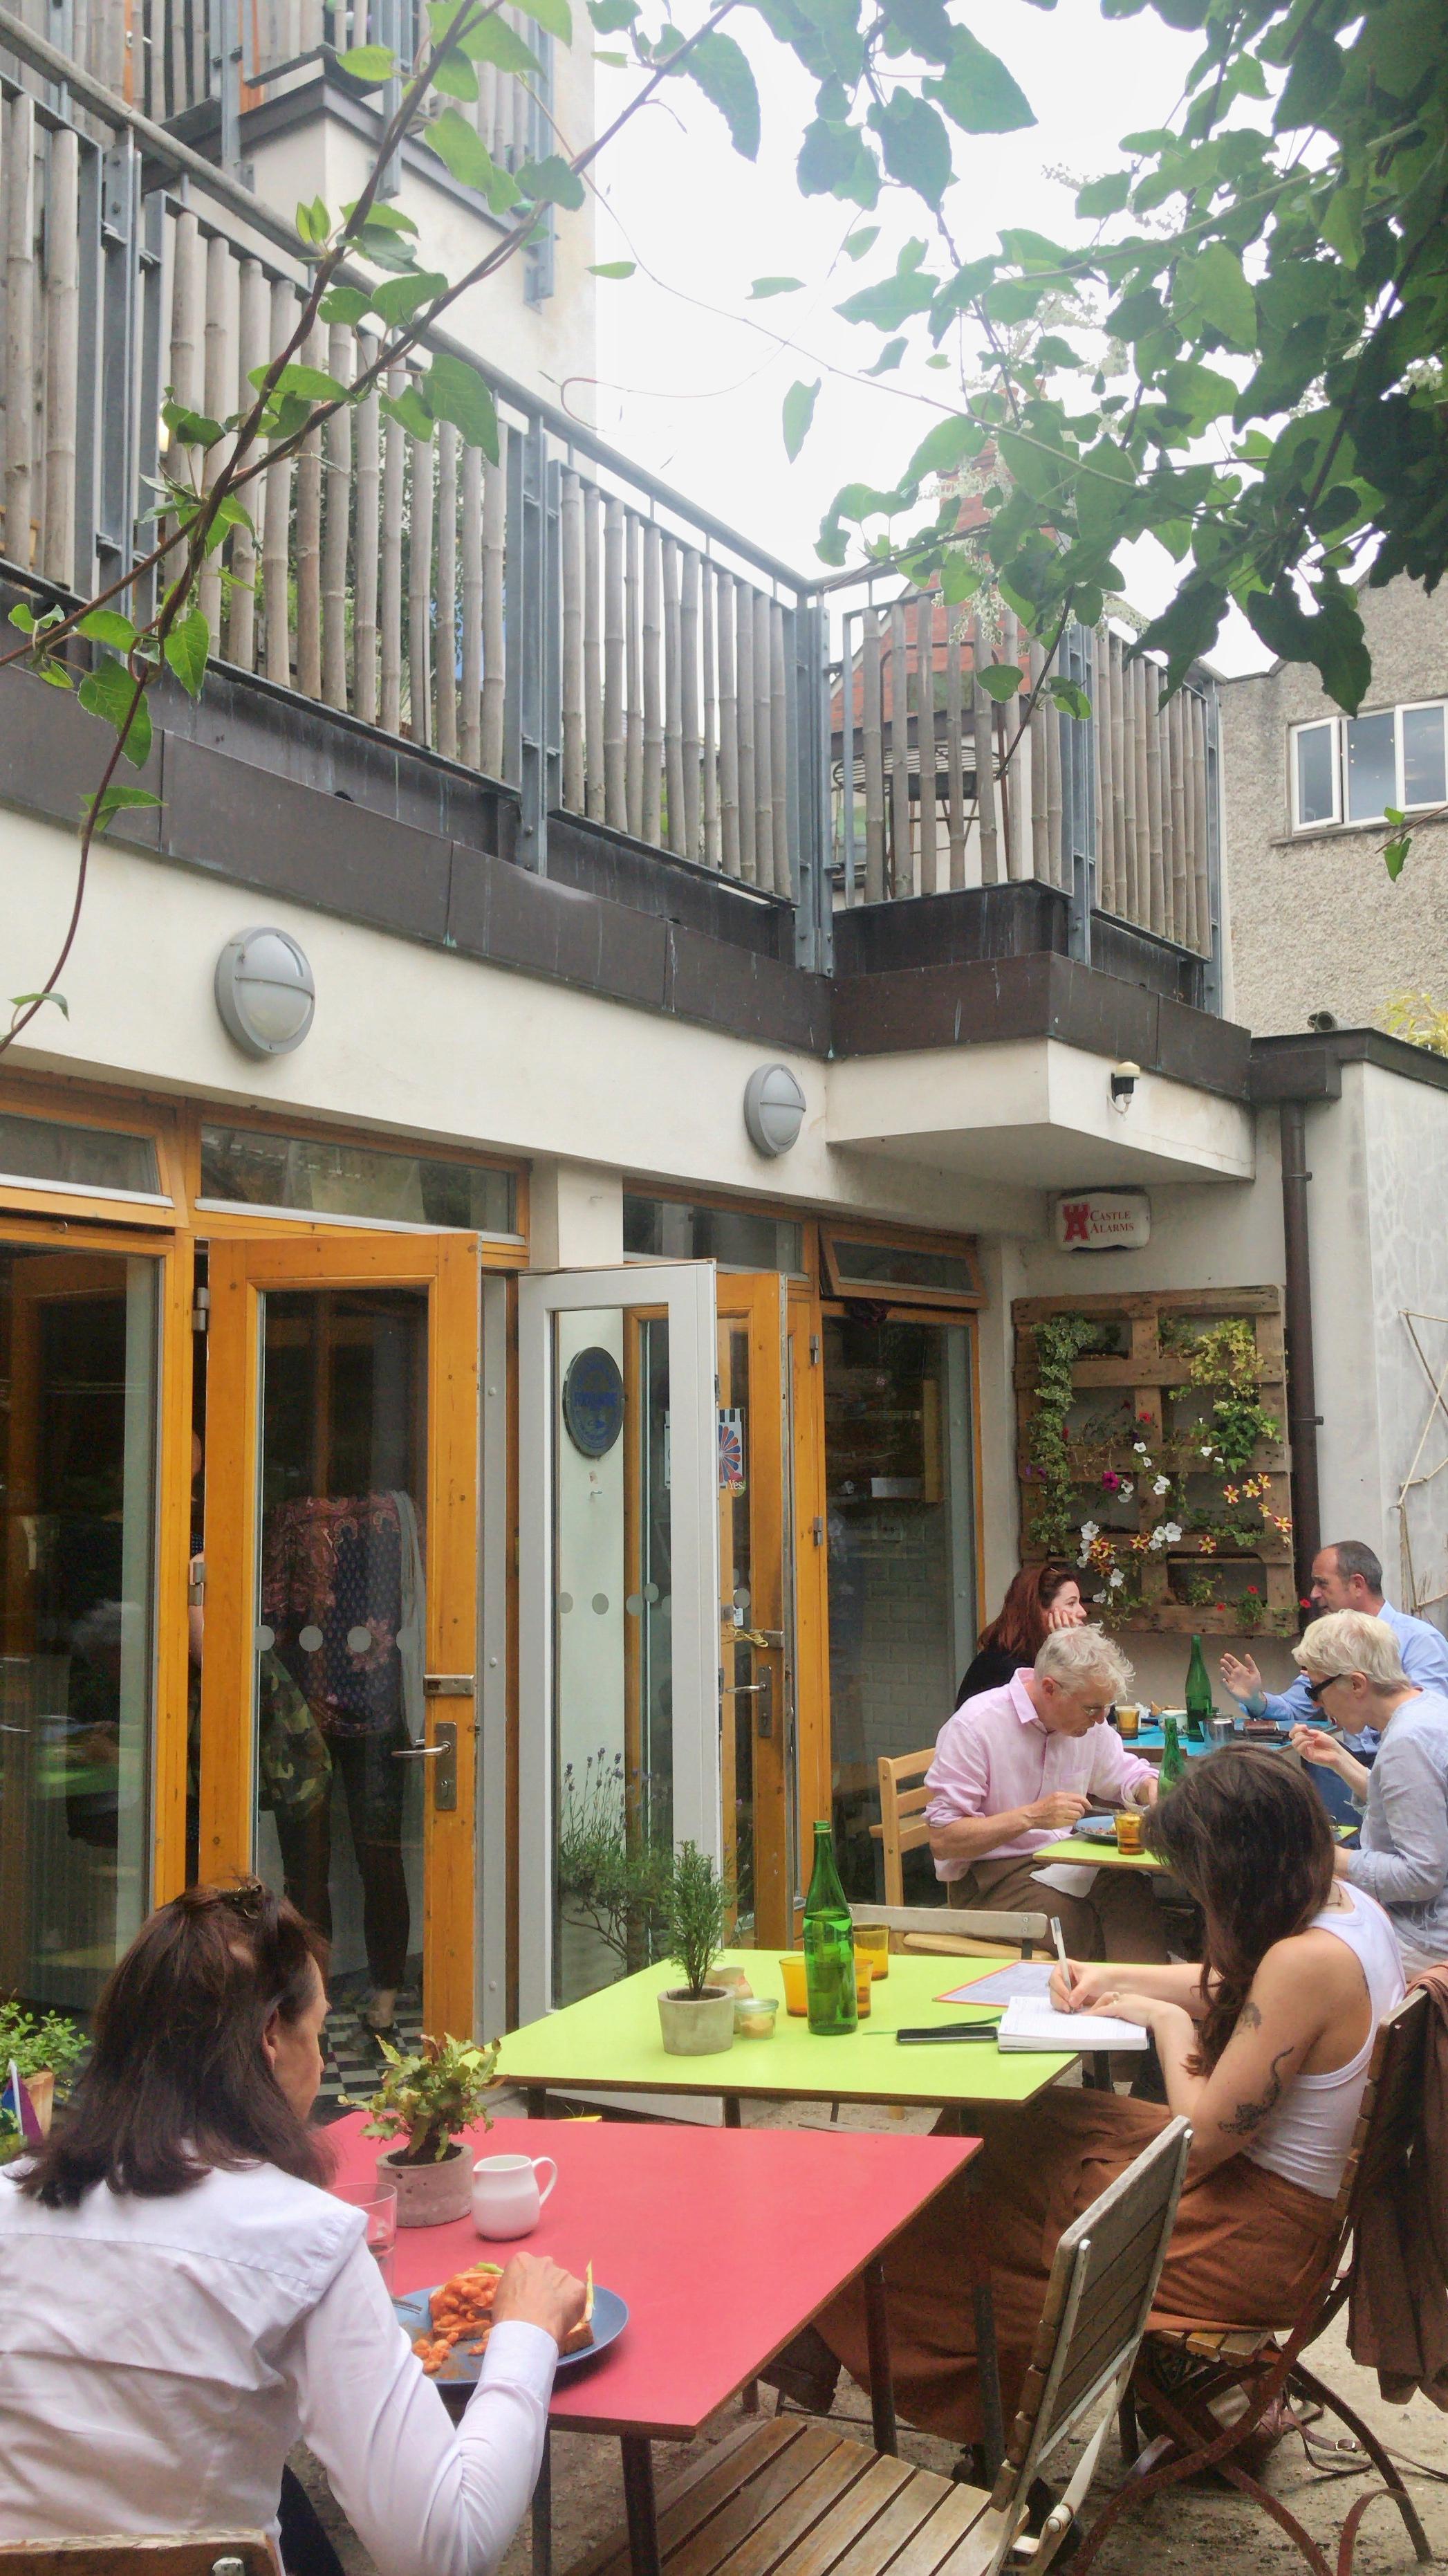 The Cake Cafe Dublin